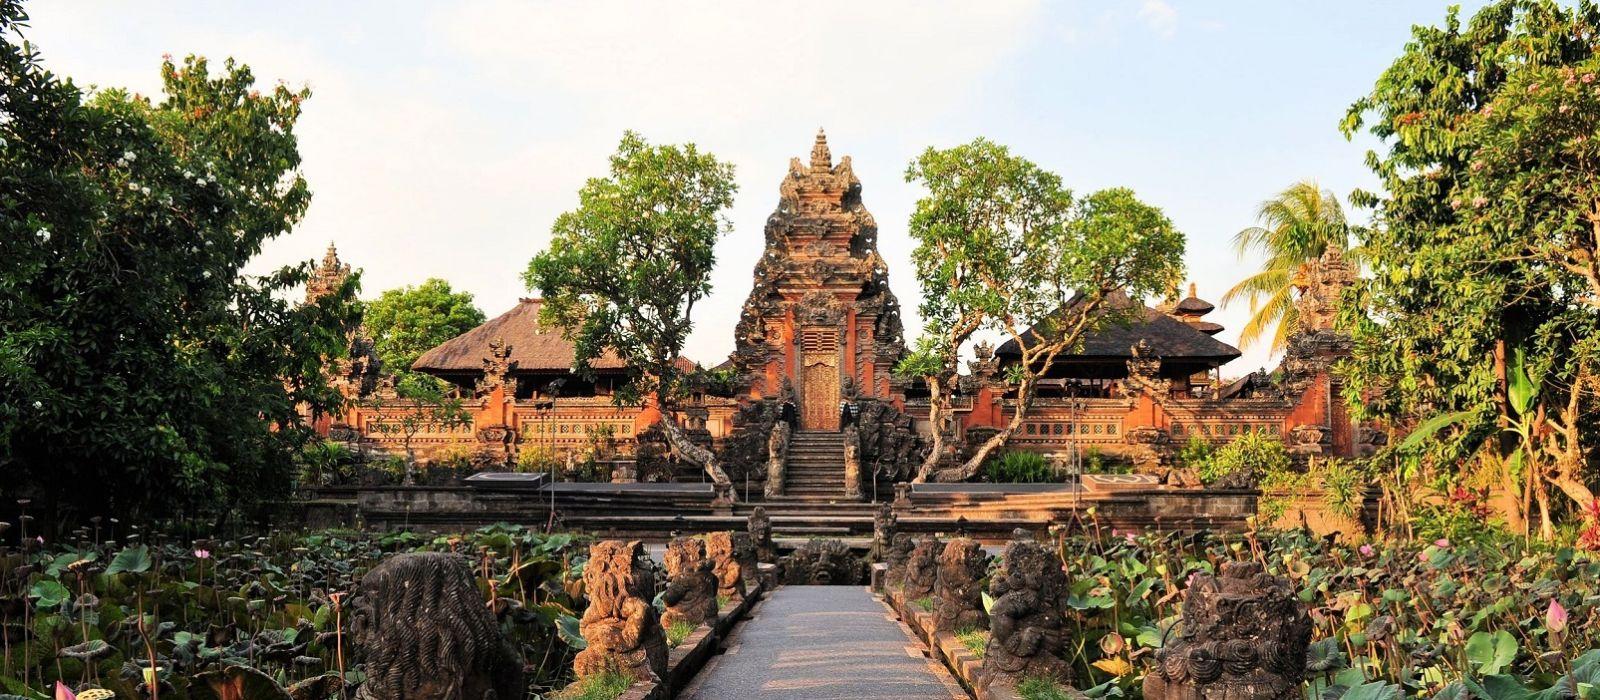 Vergangene Kulturen und Bali Urlaub 4